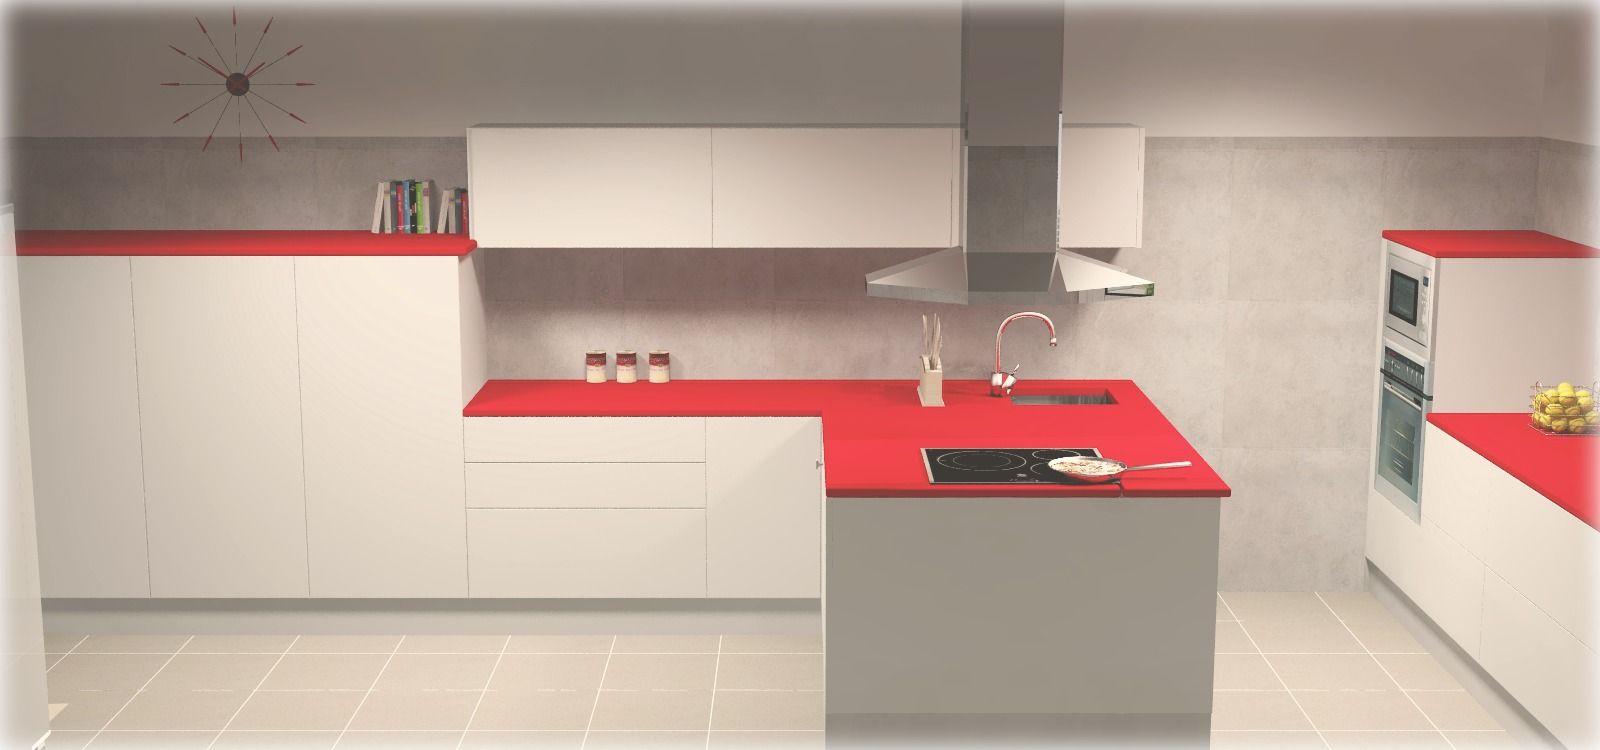 Cocina En Blanco Alto Brillo Sin Tirador Encimera Roja Con  # Muebles Tirador Santander